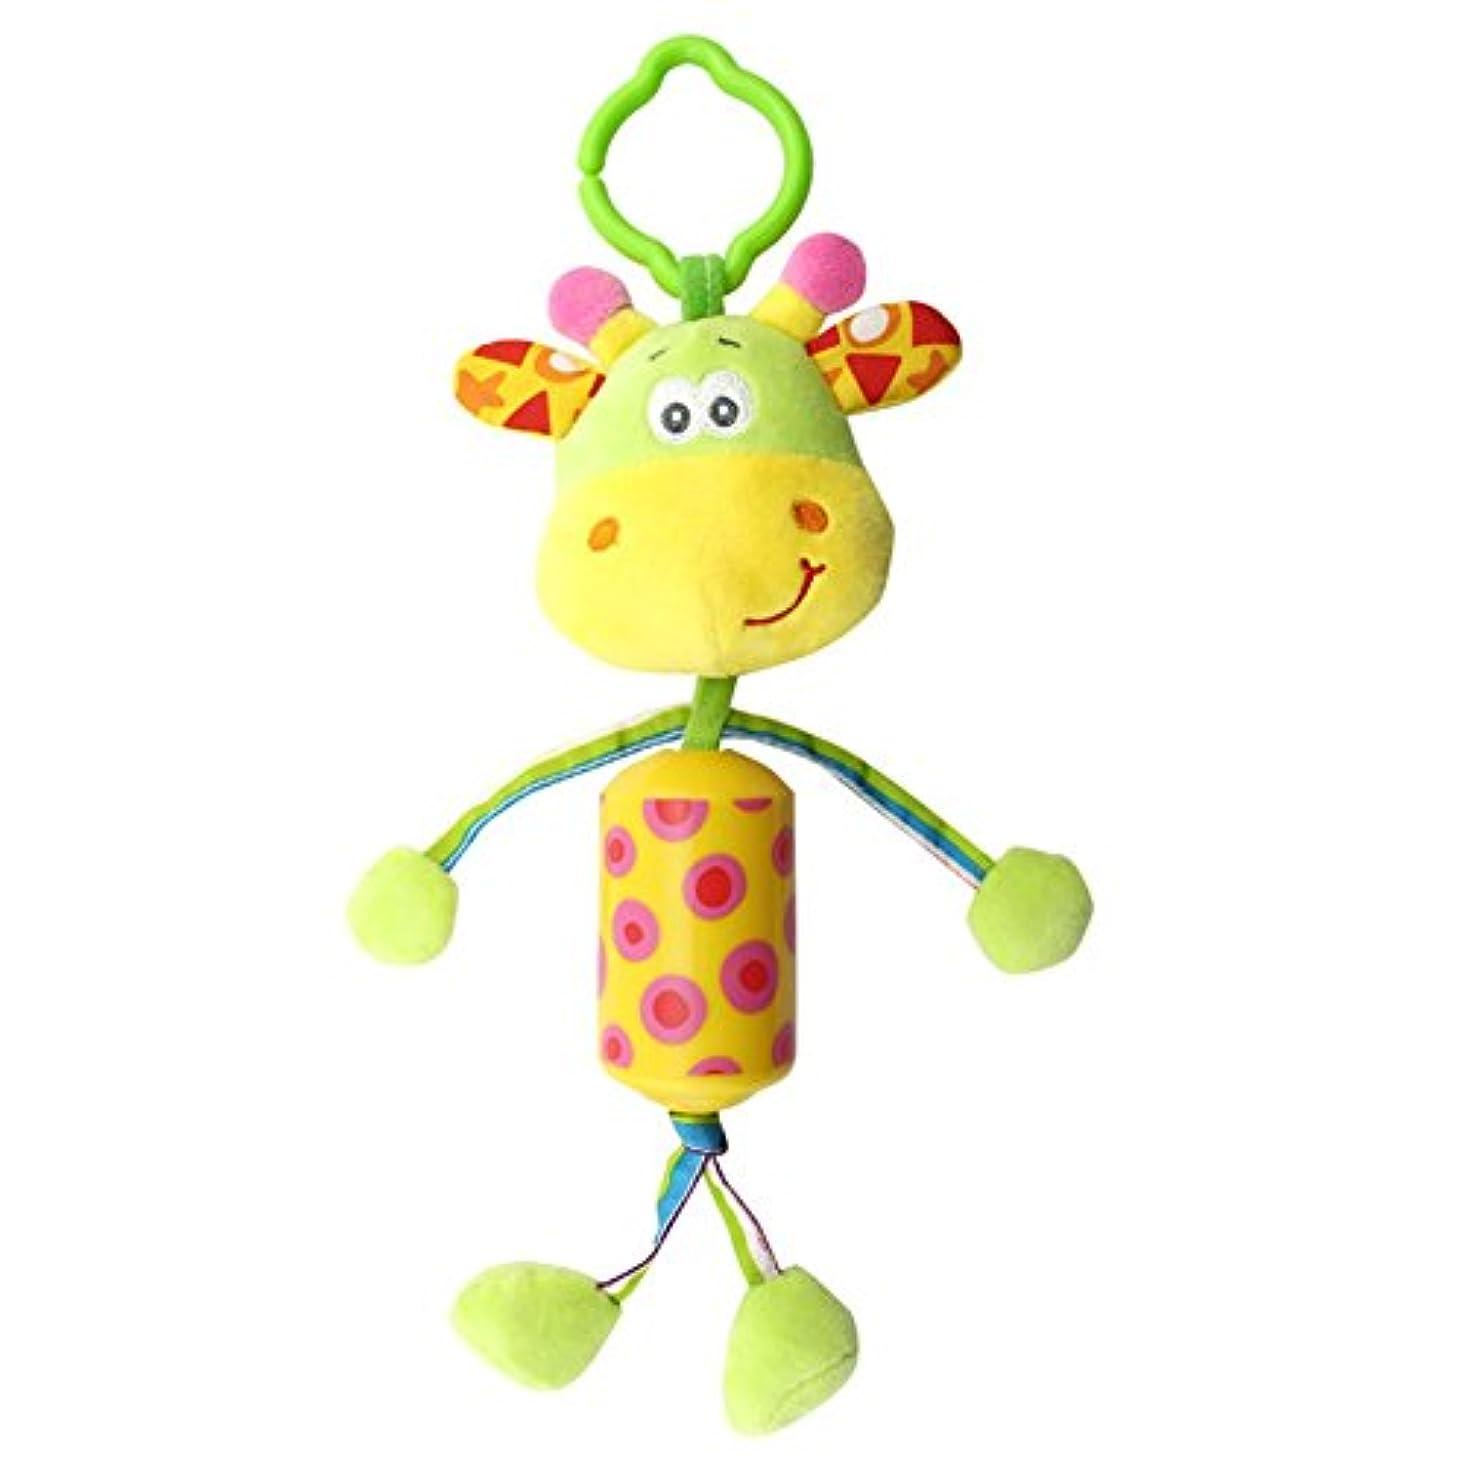 使用法ボット看板wenasiベビーベッドベビーカーおもちゃ、ベッド椅子Bell Hanging Rattleおもちゃ、赤ちゃんカーシートHandbells幼児用おもちゃ(キリン)